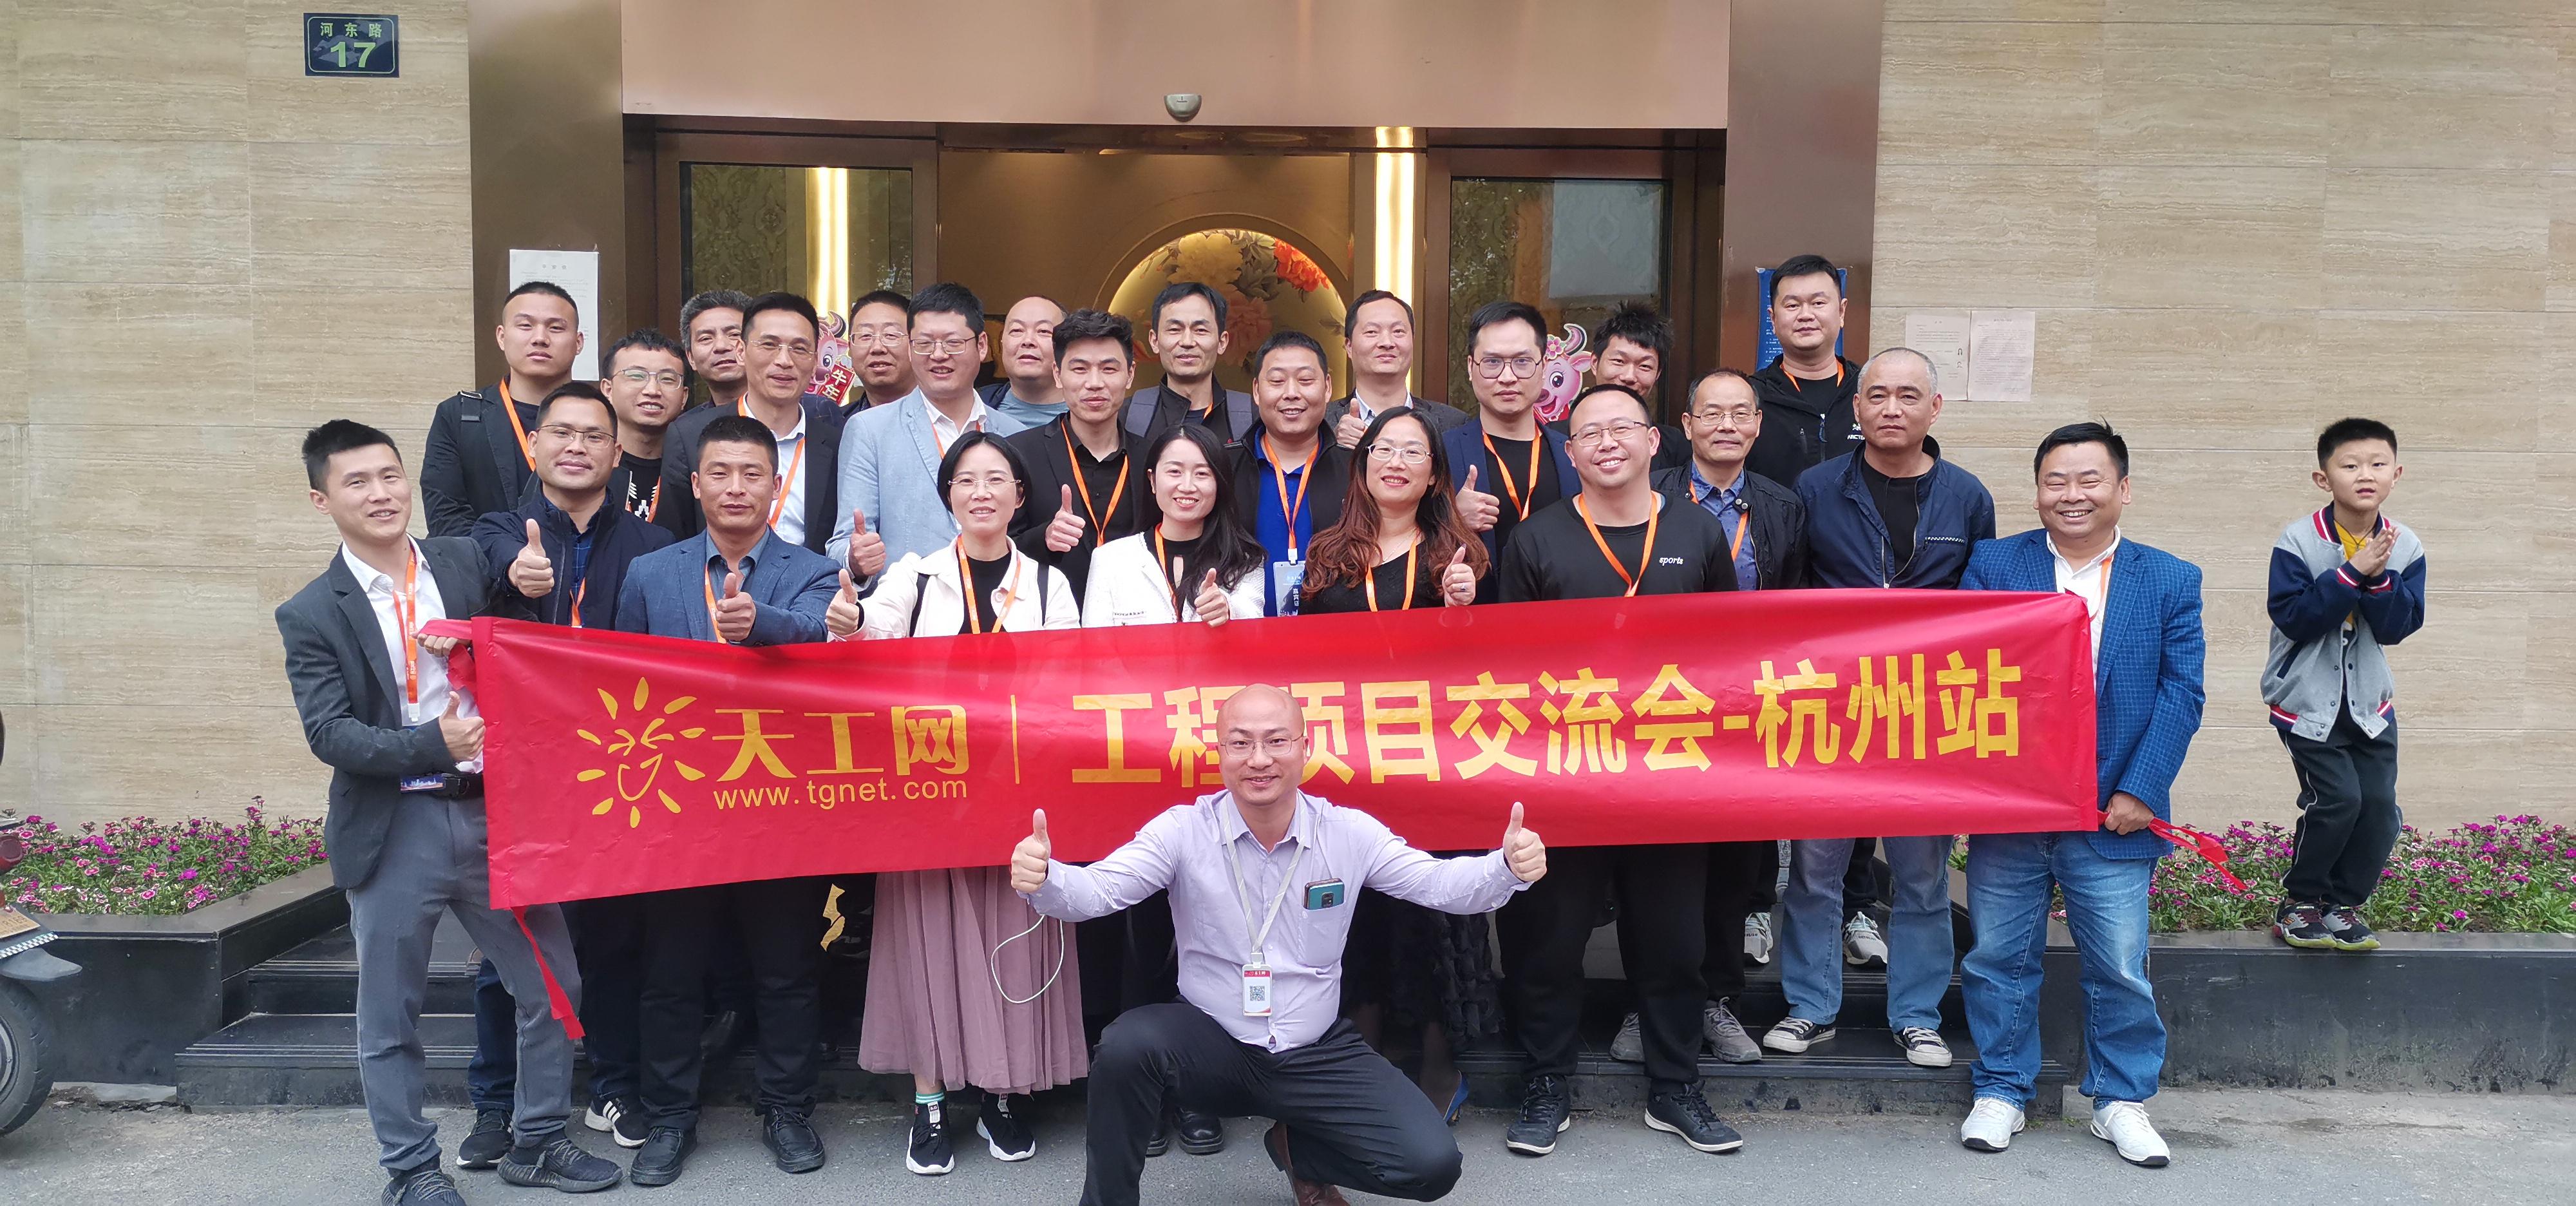 天工网工程项目交流会-杭州站